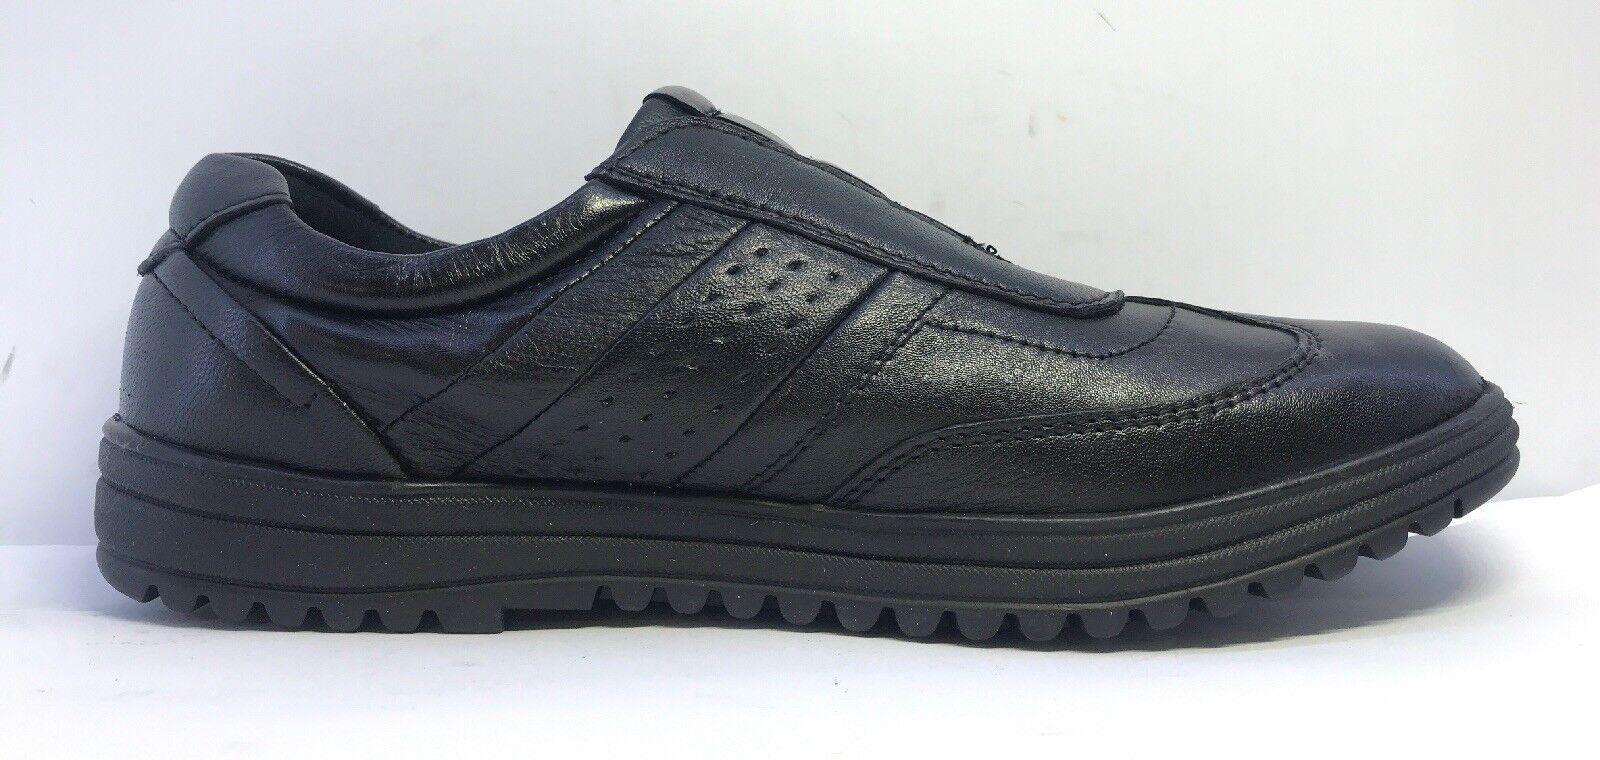 Pegasus Black Leather Slip On shoes Unisex Uk Size 6